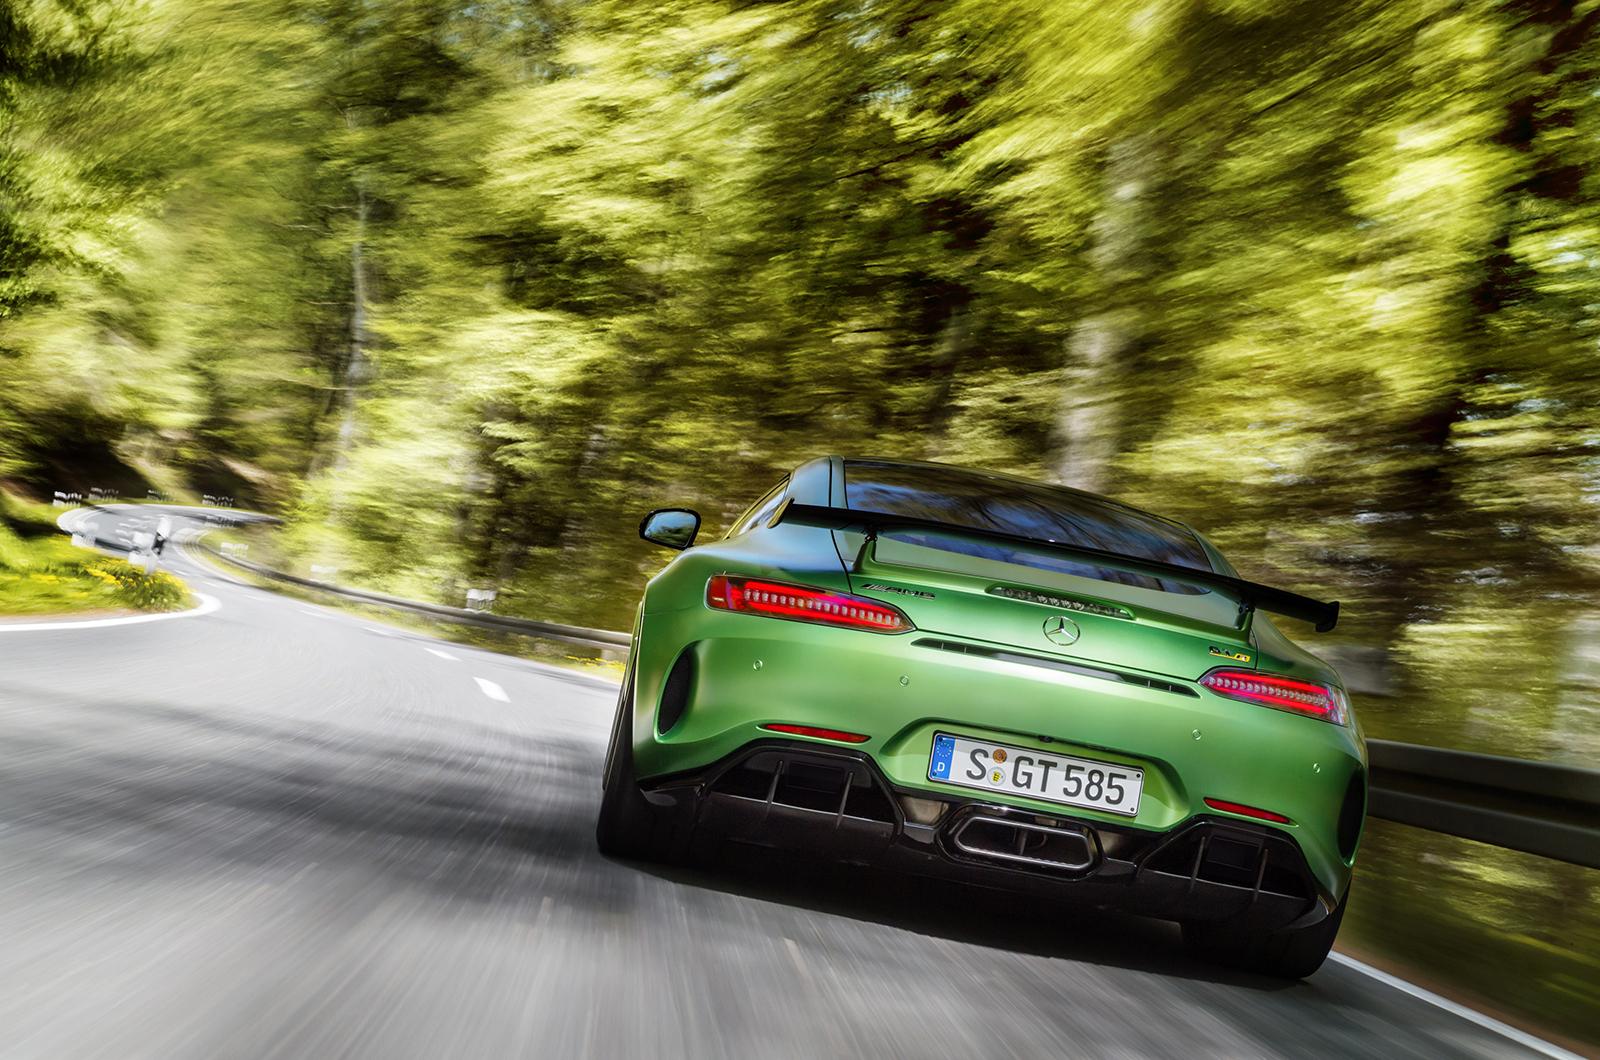 Mercedes AMG GT R For Desktop Background